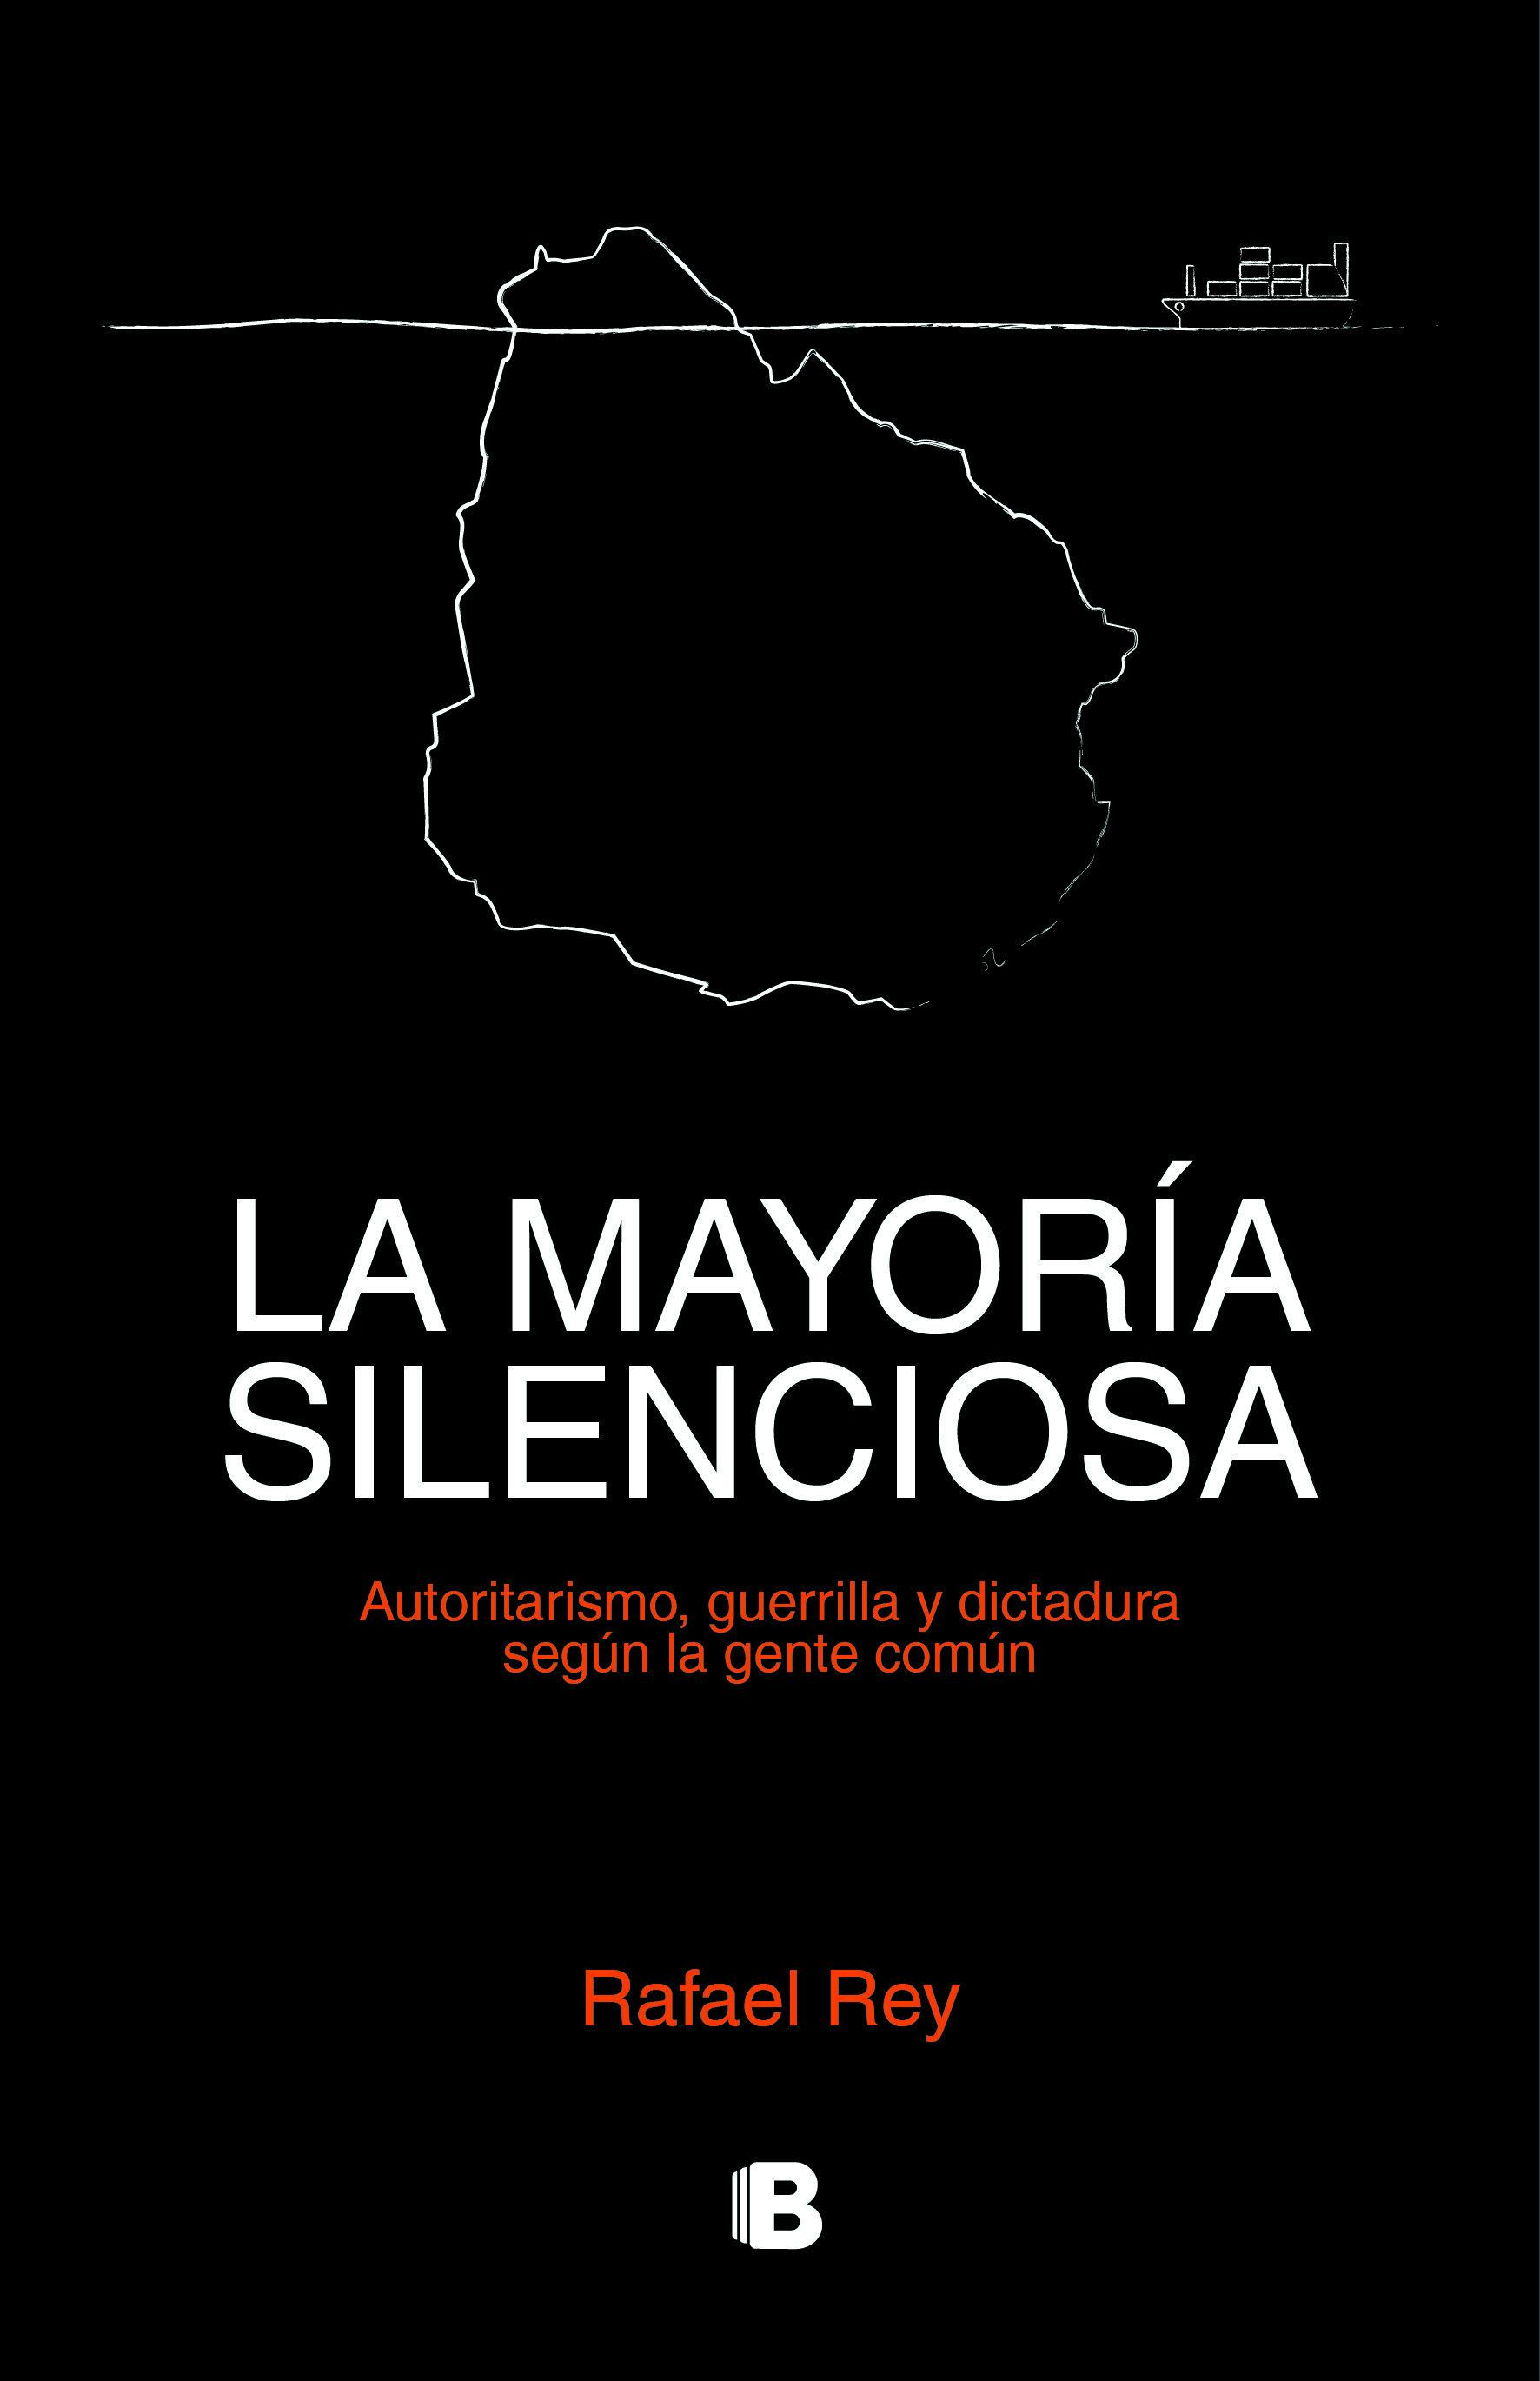 La tapa del libro La Mayoría silenciosa